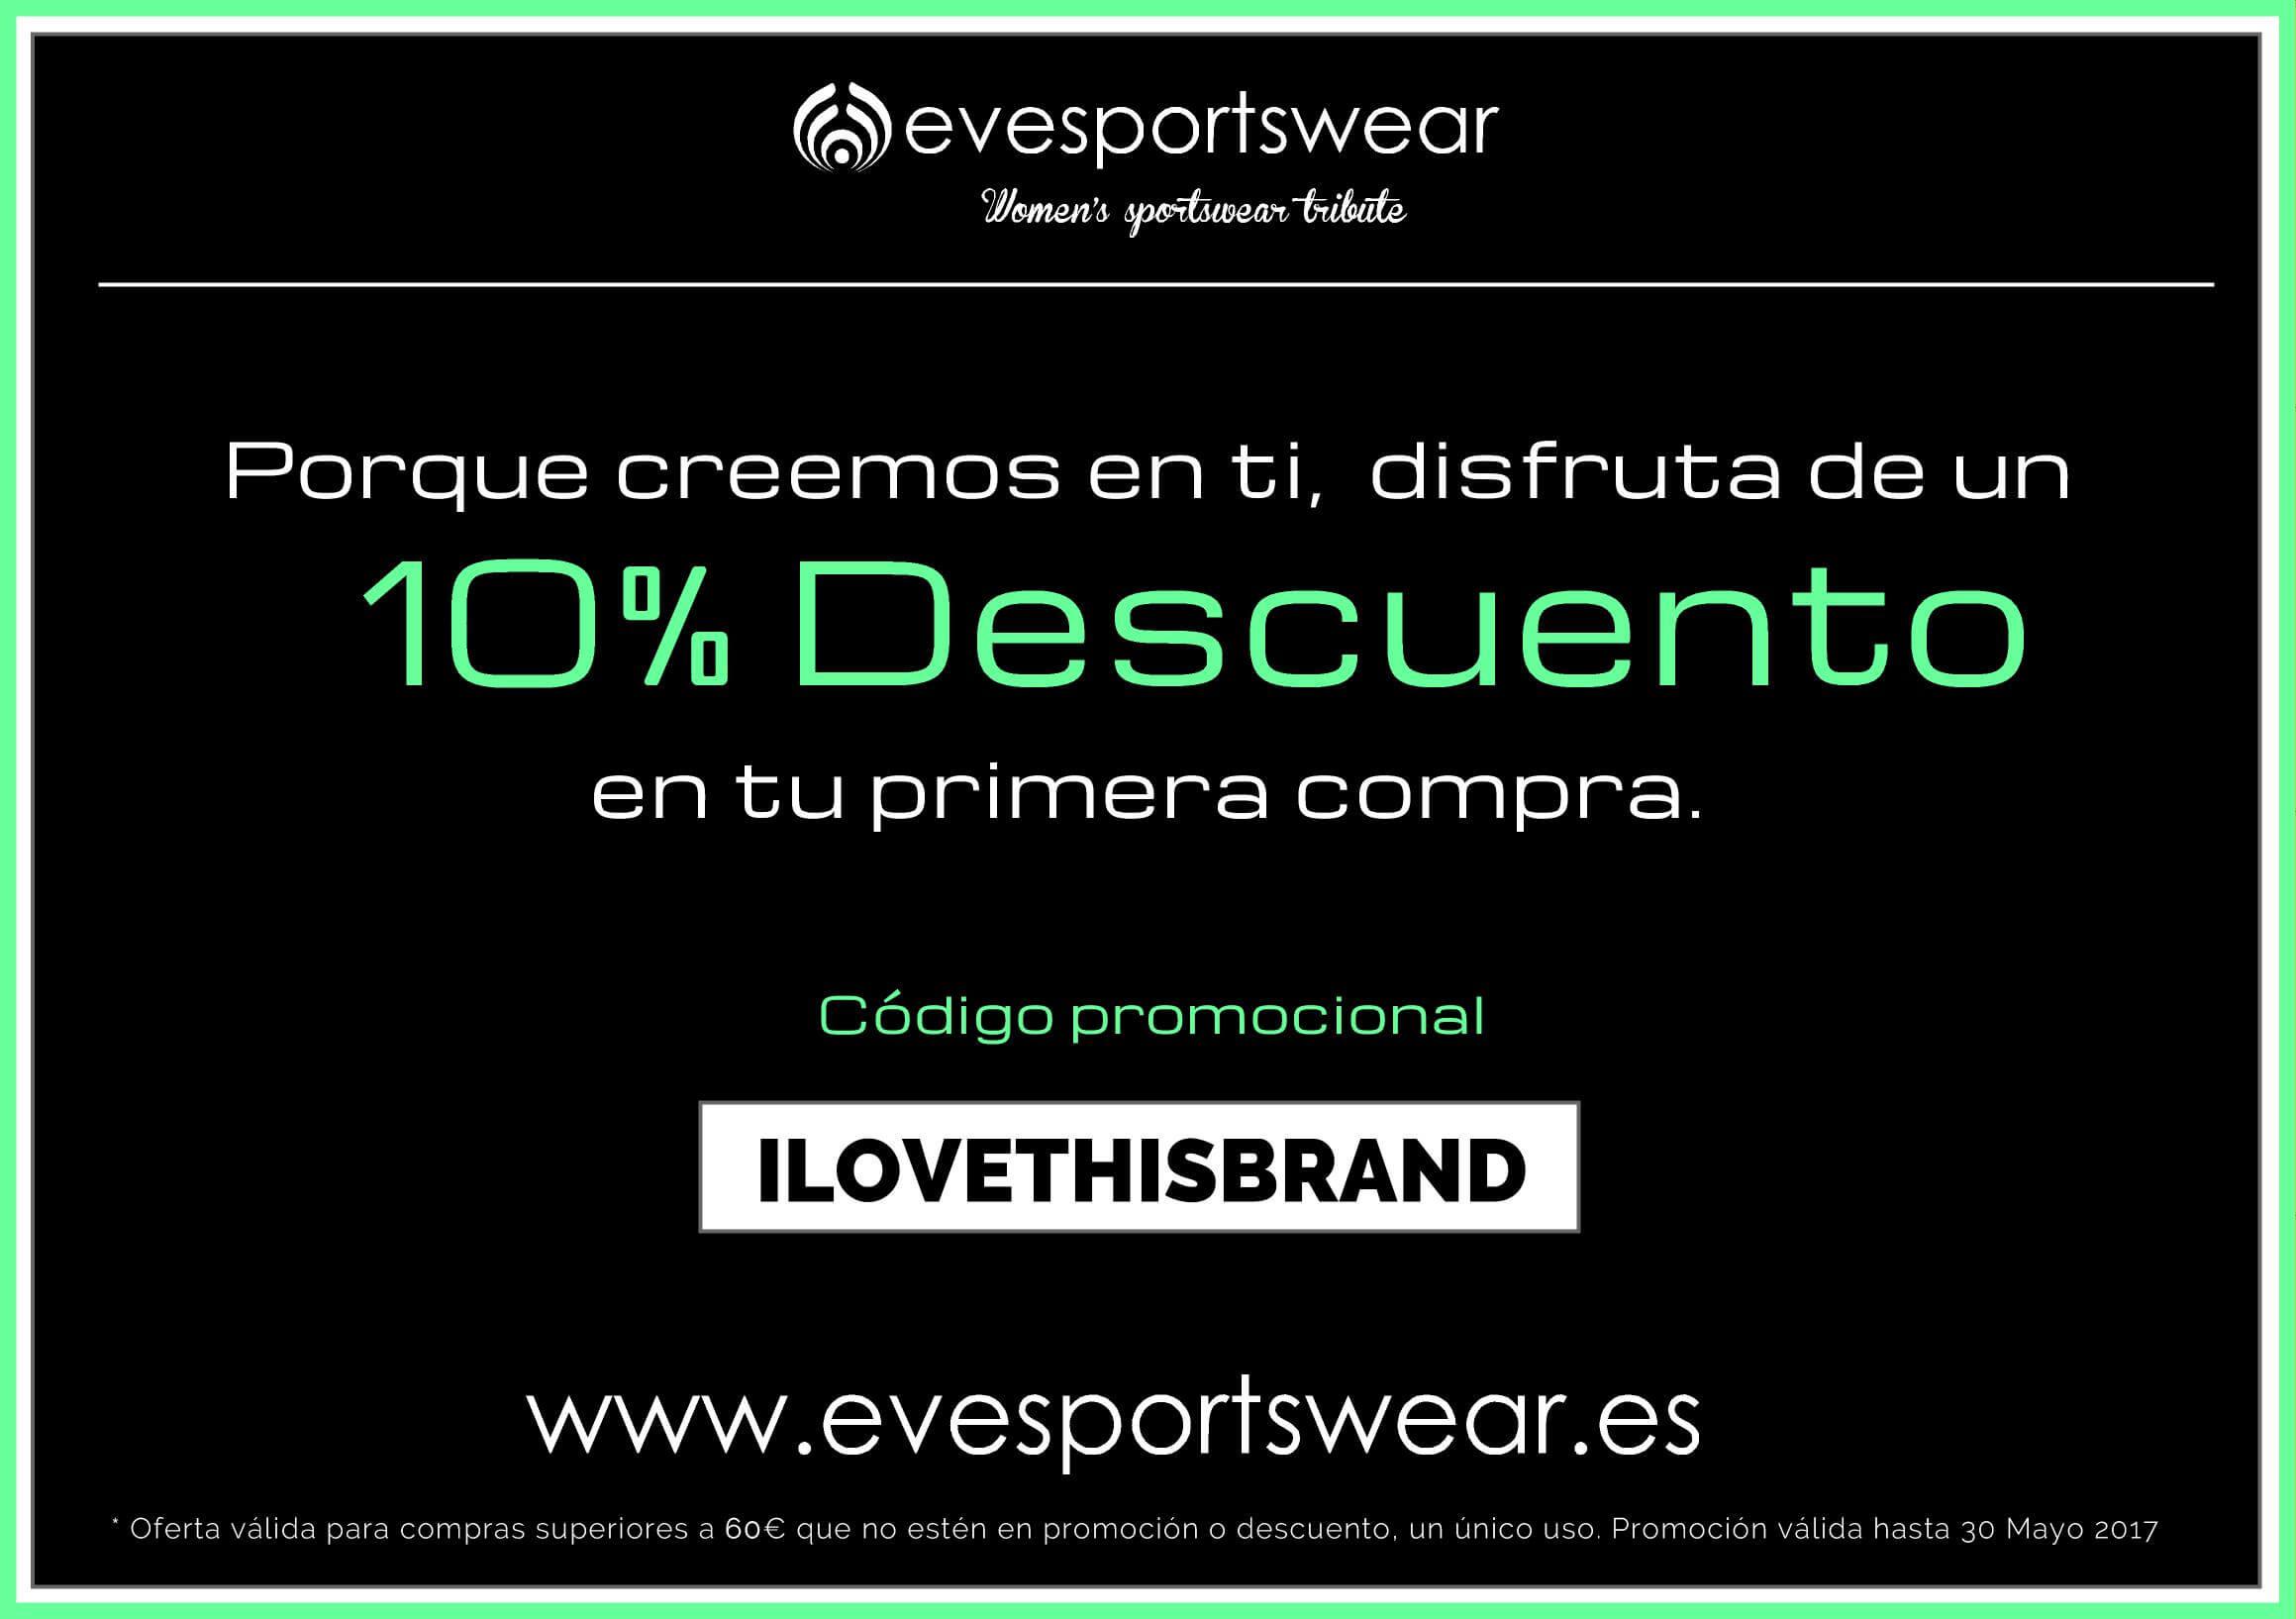 Promo Evesportswear